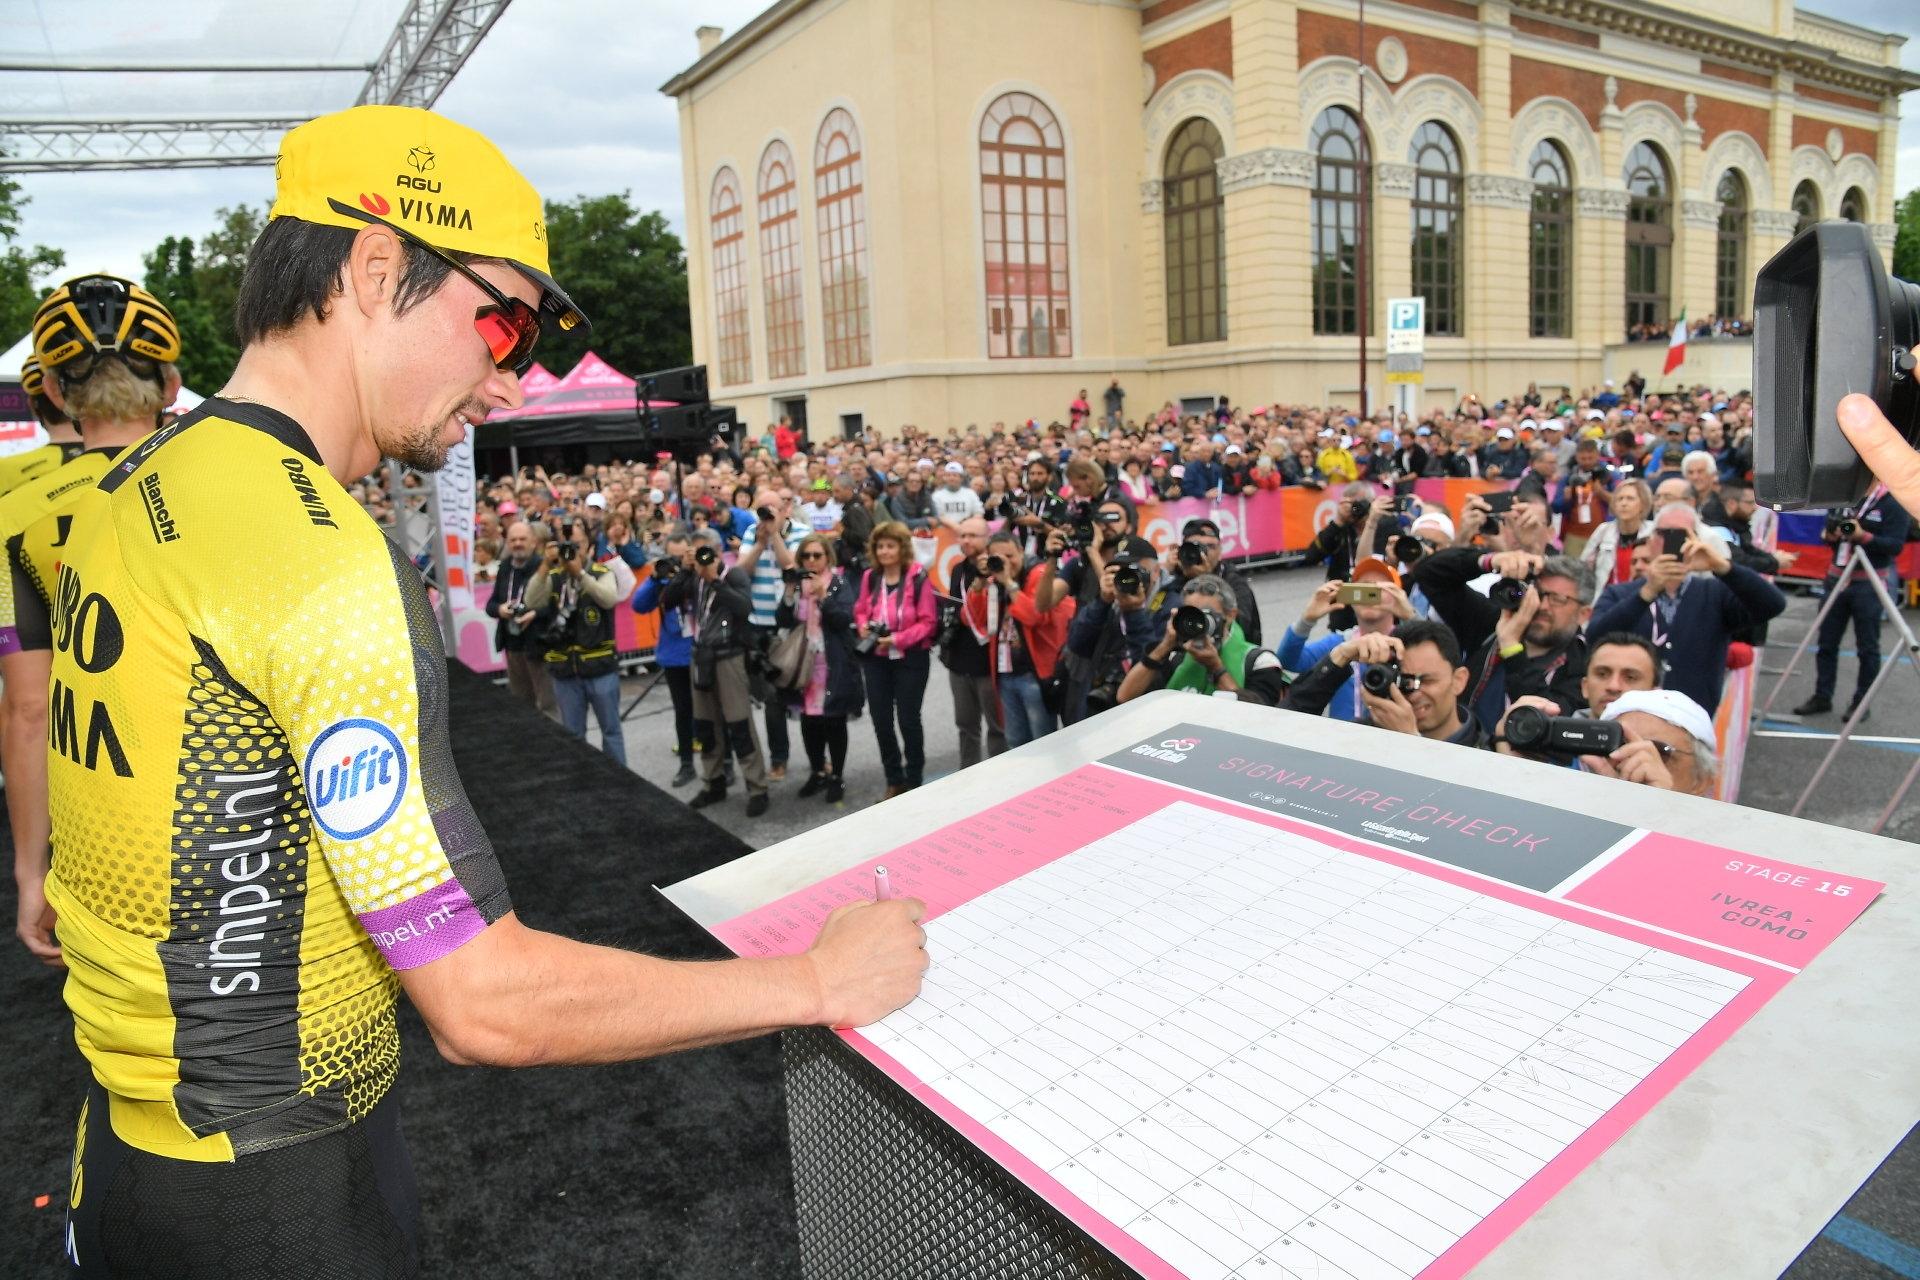 GIRO D'ITALIA - Una folla immensa per l'avvio della tappa Ivrea-Como: la città colorata di rosa - FOTO